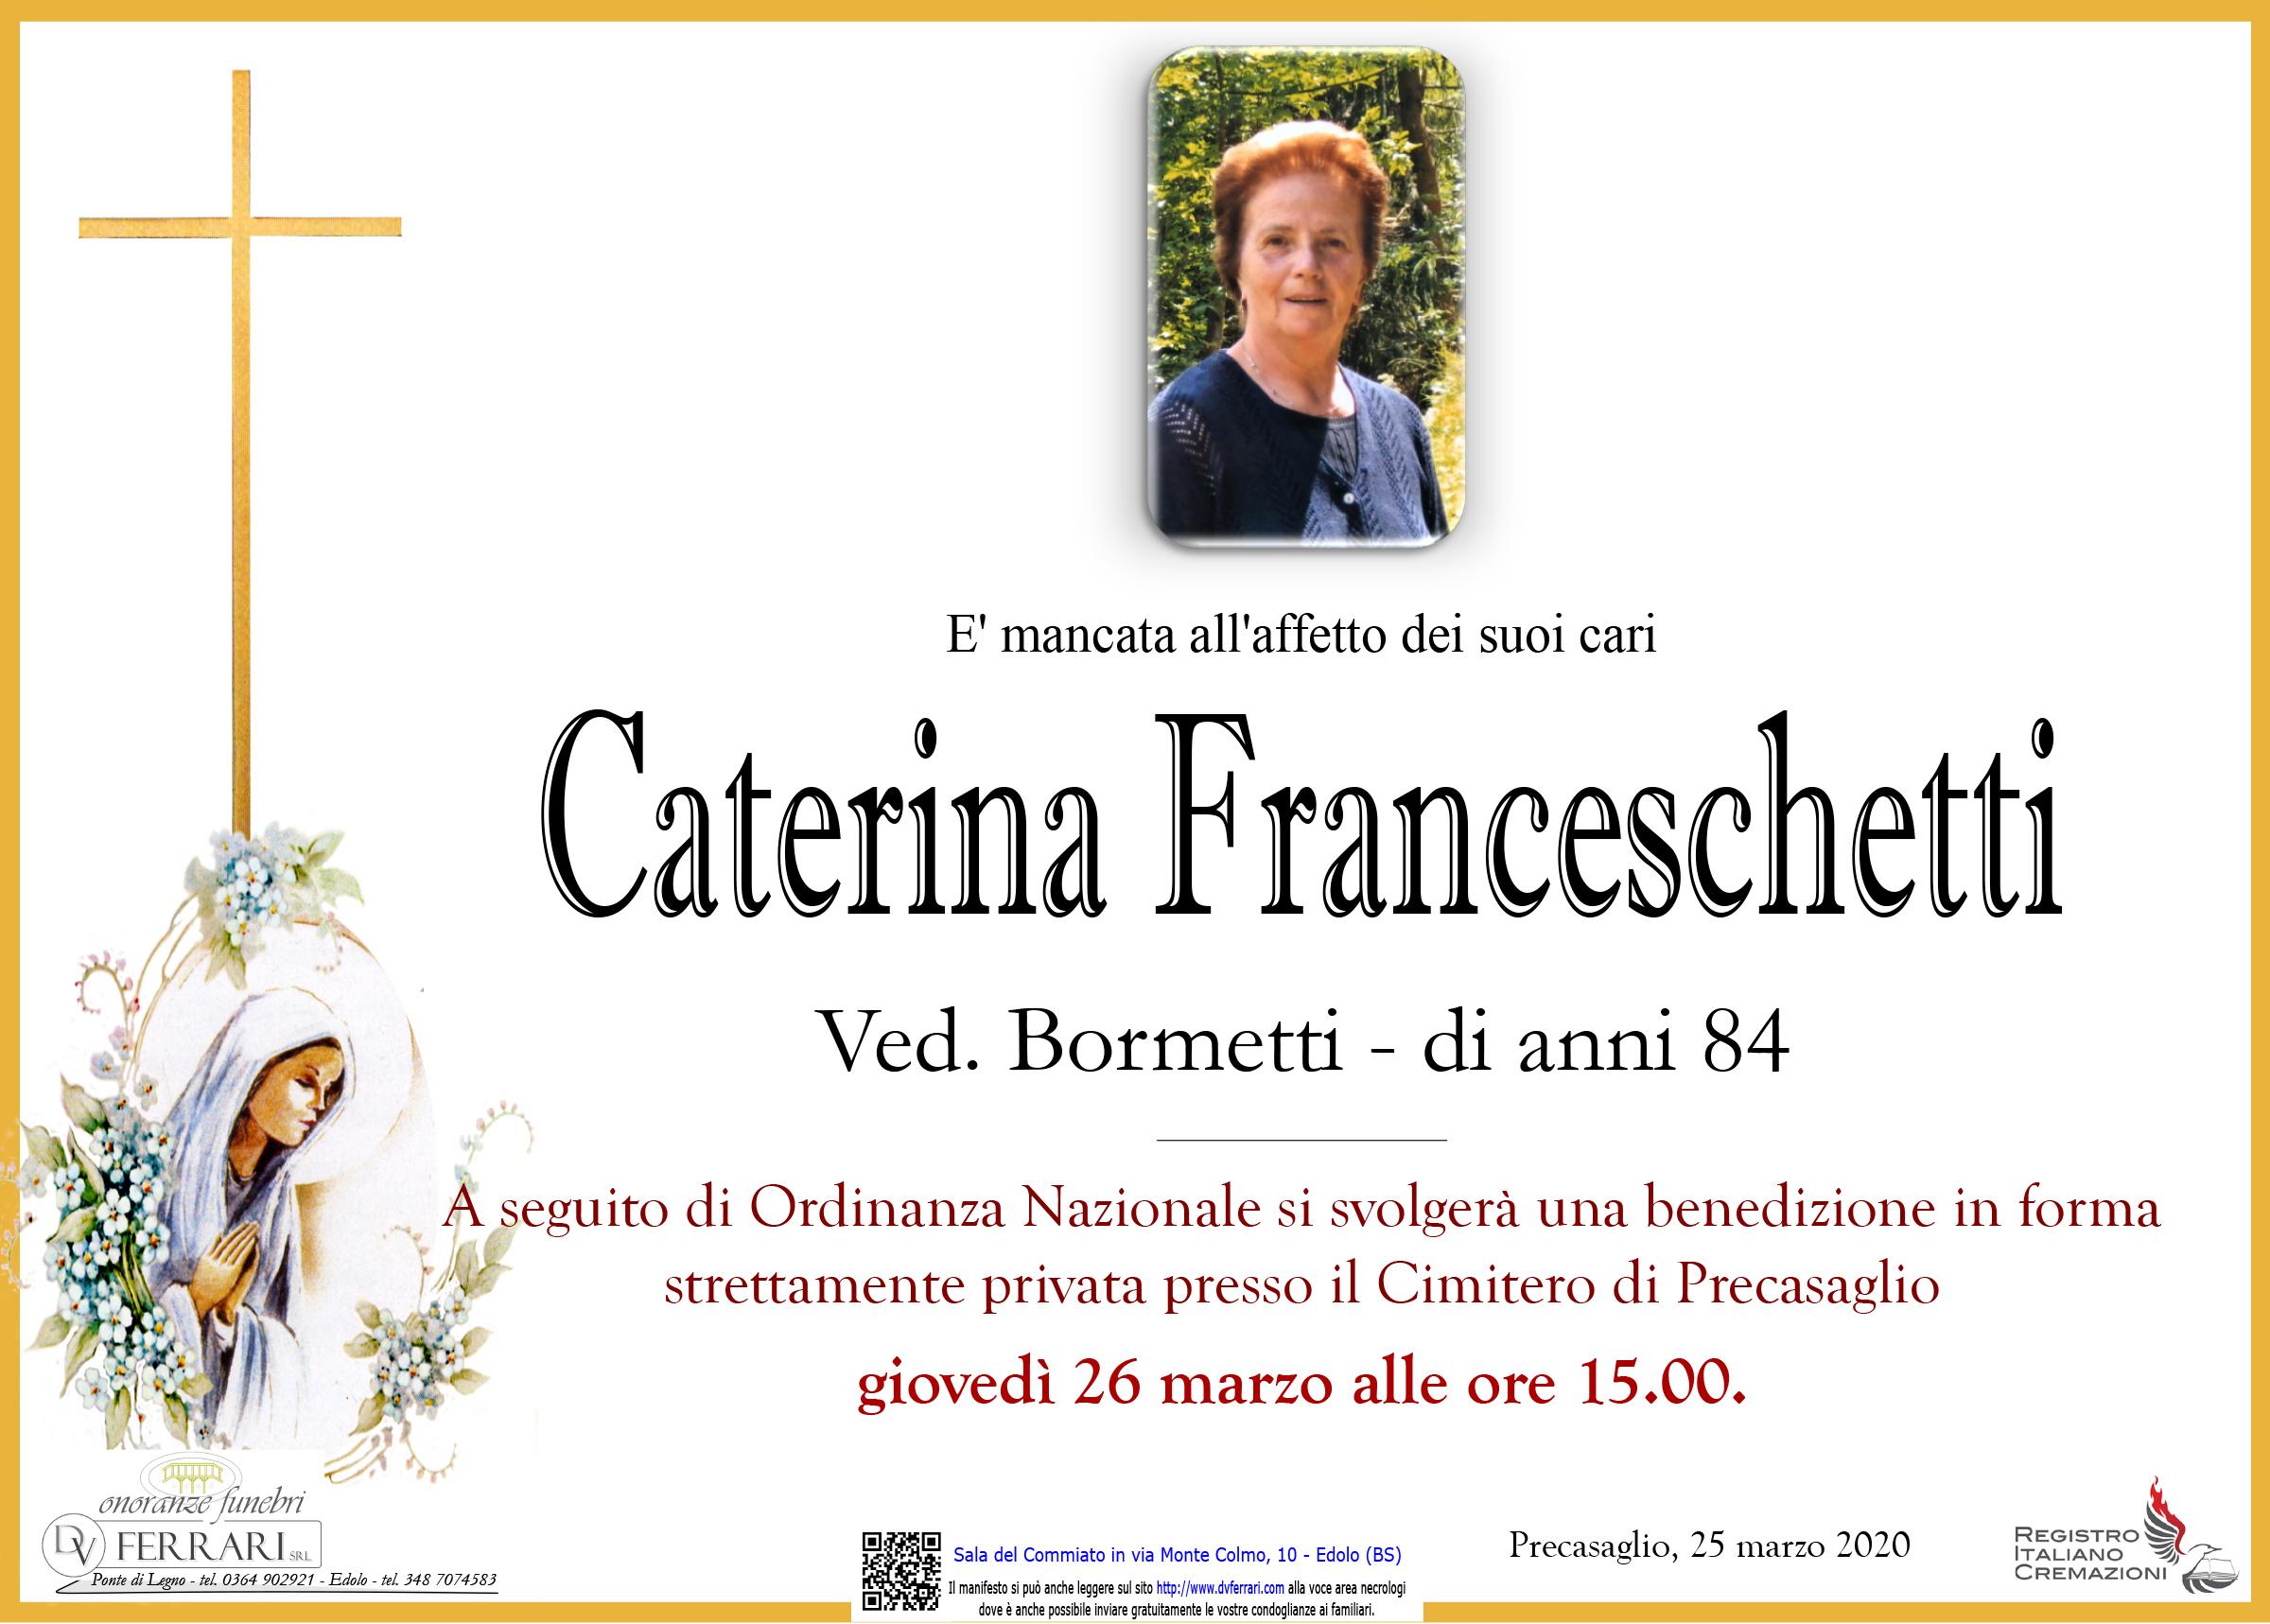 CATERINA FRANCESCHETTI VED. BORMETTI - PRECASAGLIO